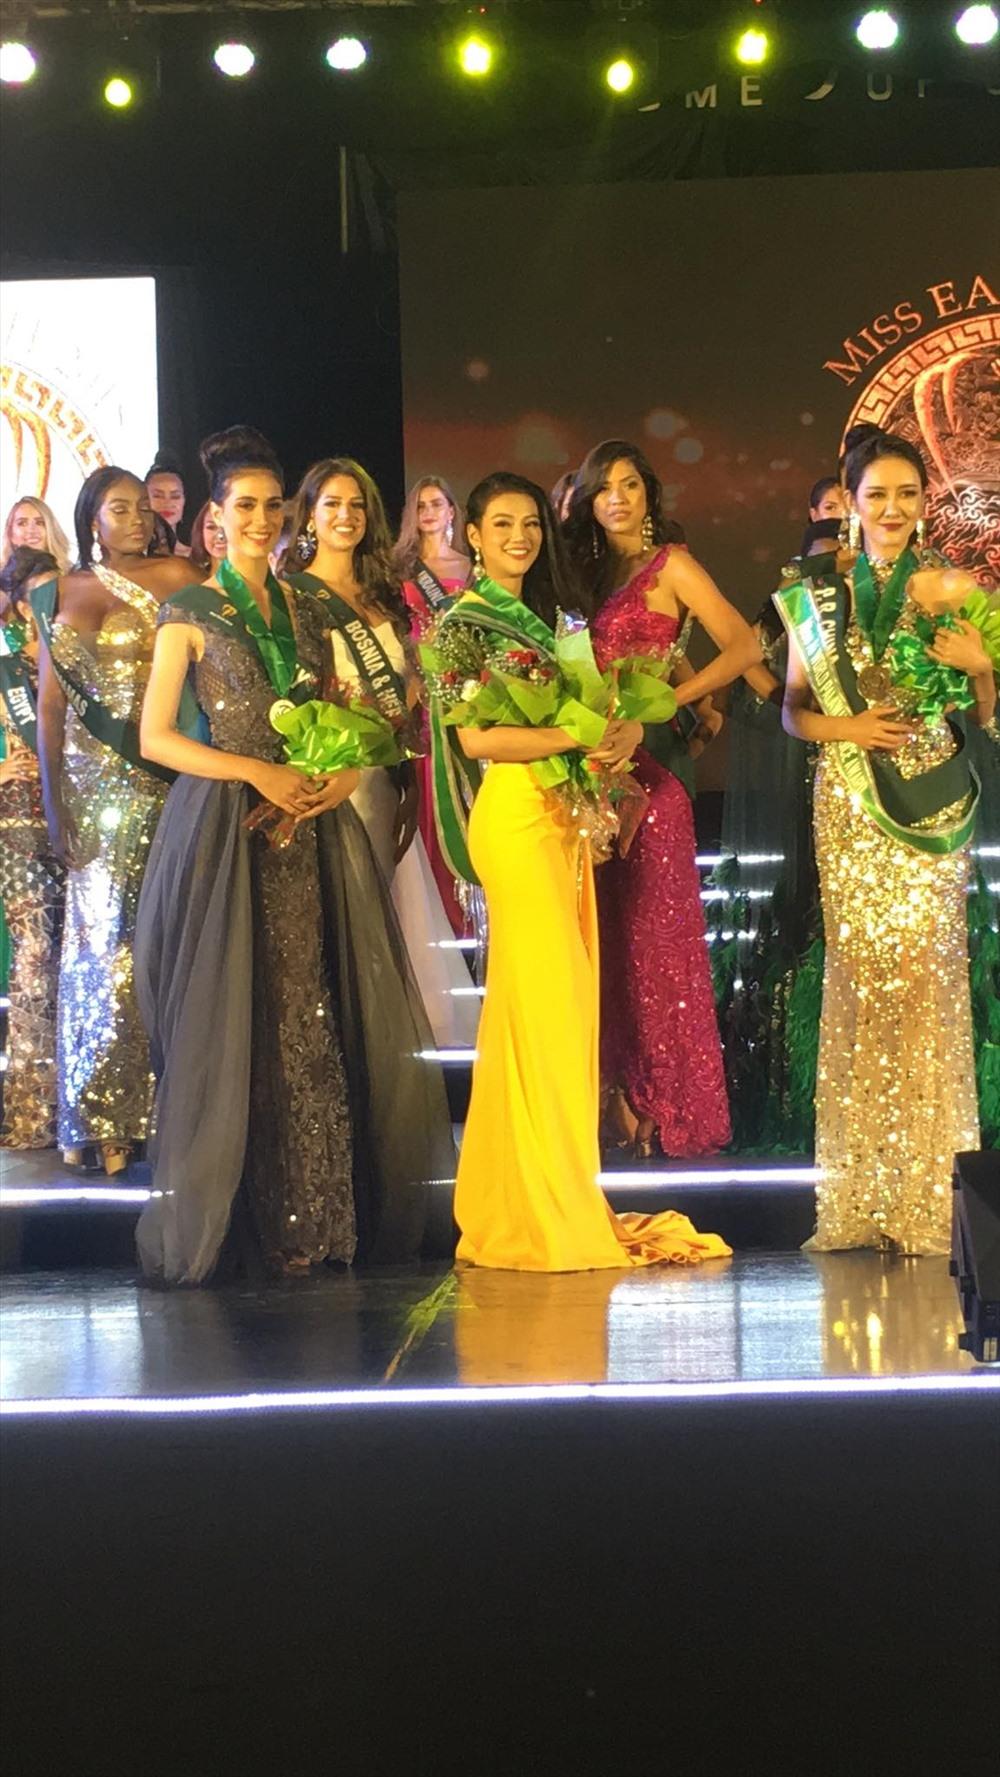 Đại diện Việt Nam, Nguyễn Phương Khánh tiếp tục xuất sắc giành Huy chương vàng phần thi dạ hội Miss Earth 2018.